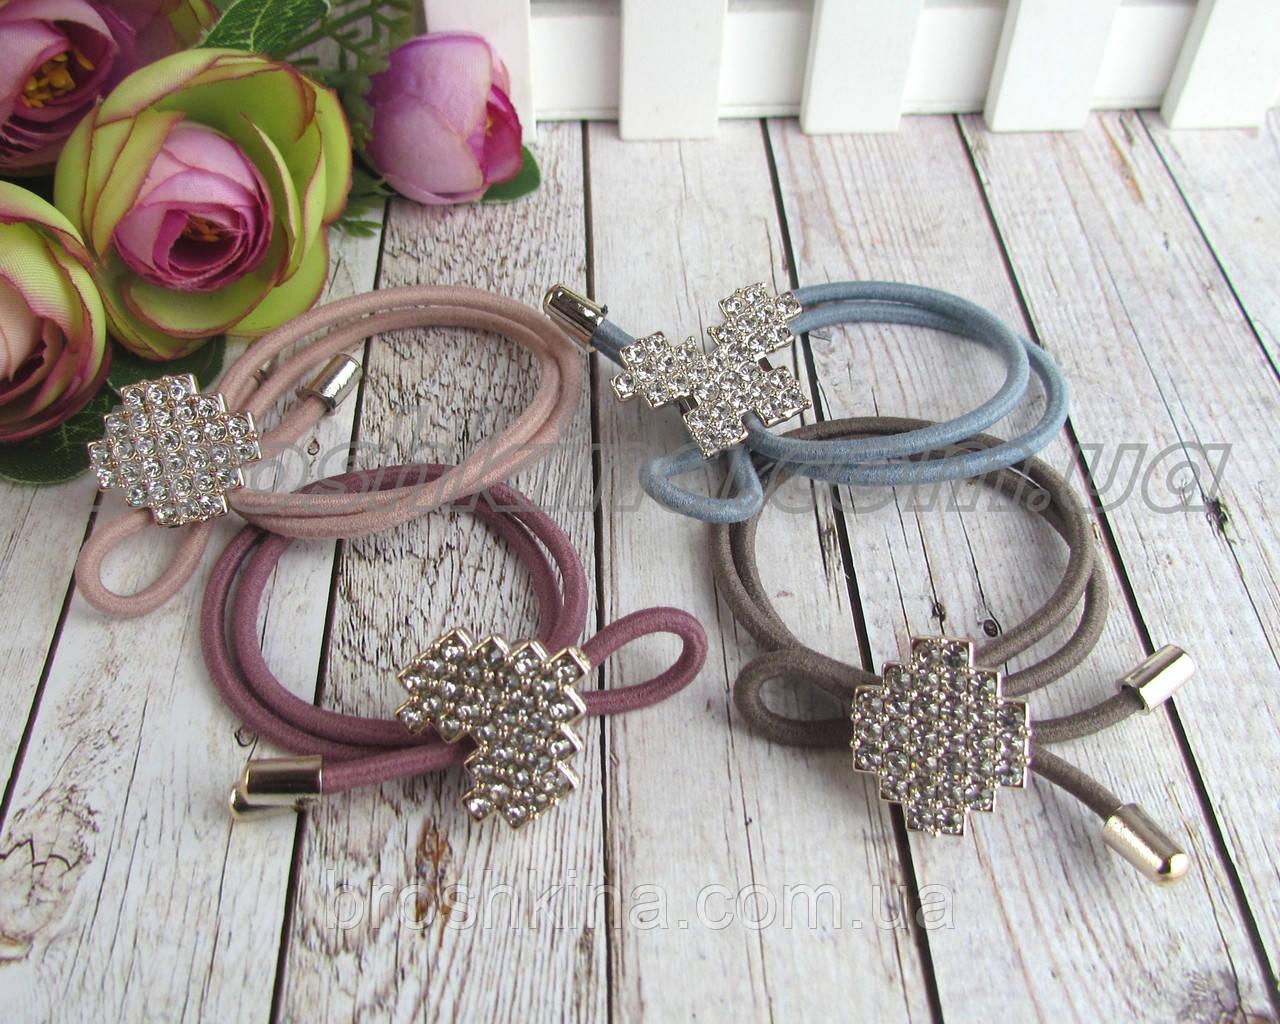 Резинки для волос с цветные с украшением в стразах 12 шт/уп.